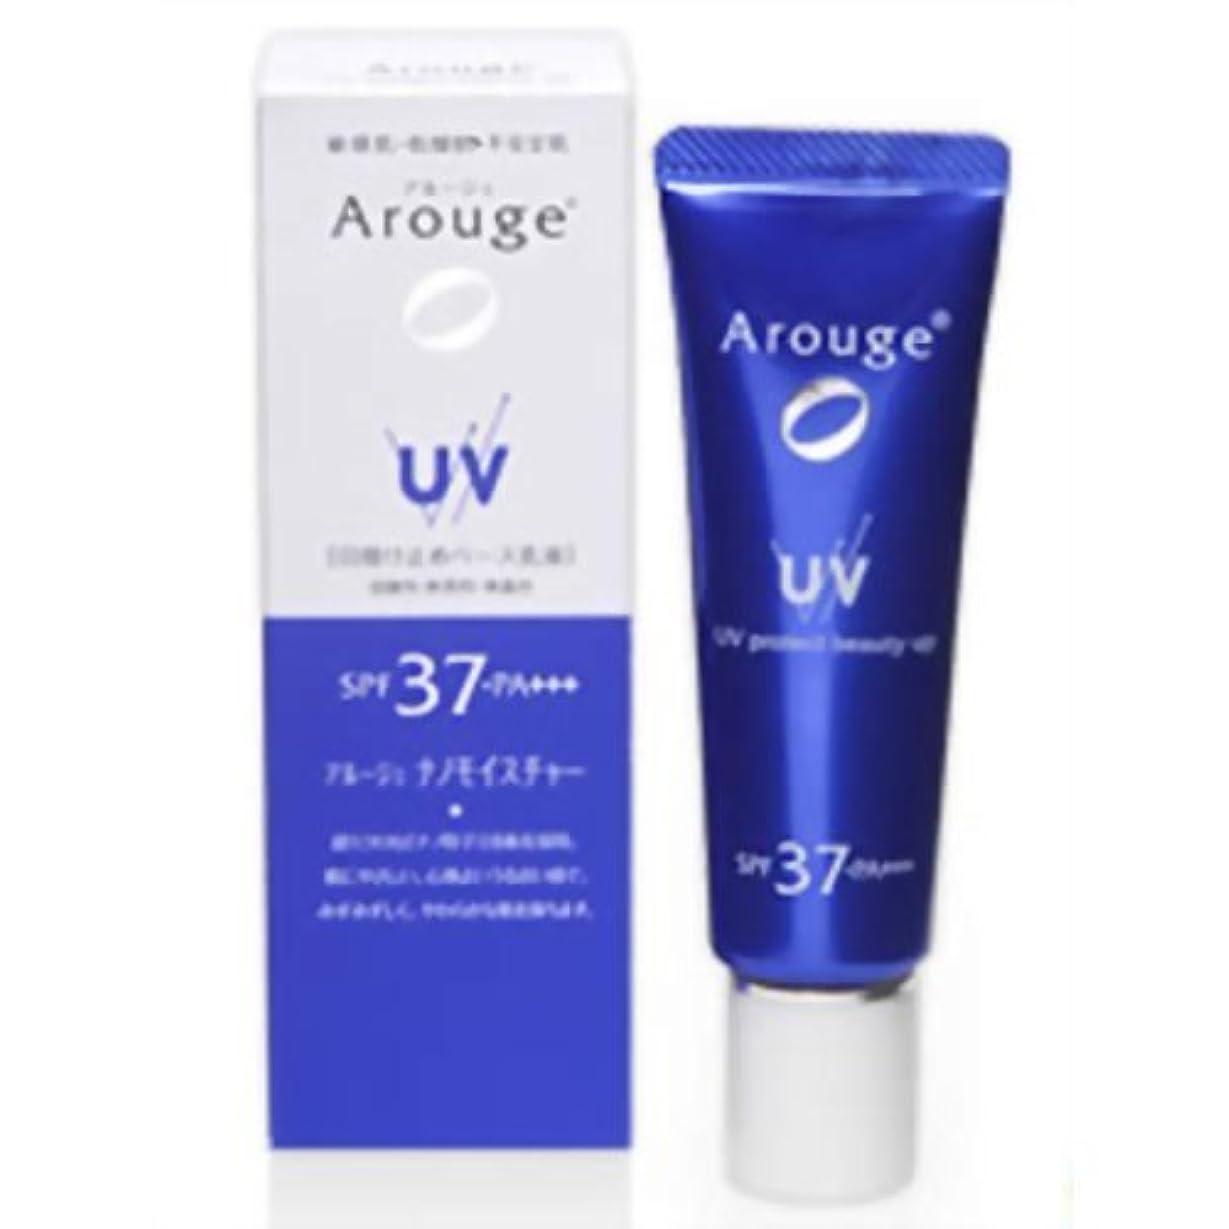 曲外出批評アルージェ UVプロテクトビューティーアップ 25g